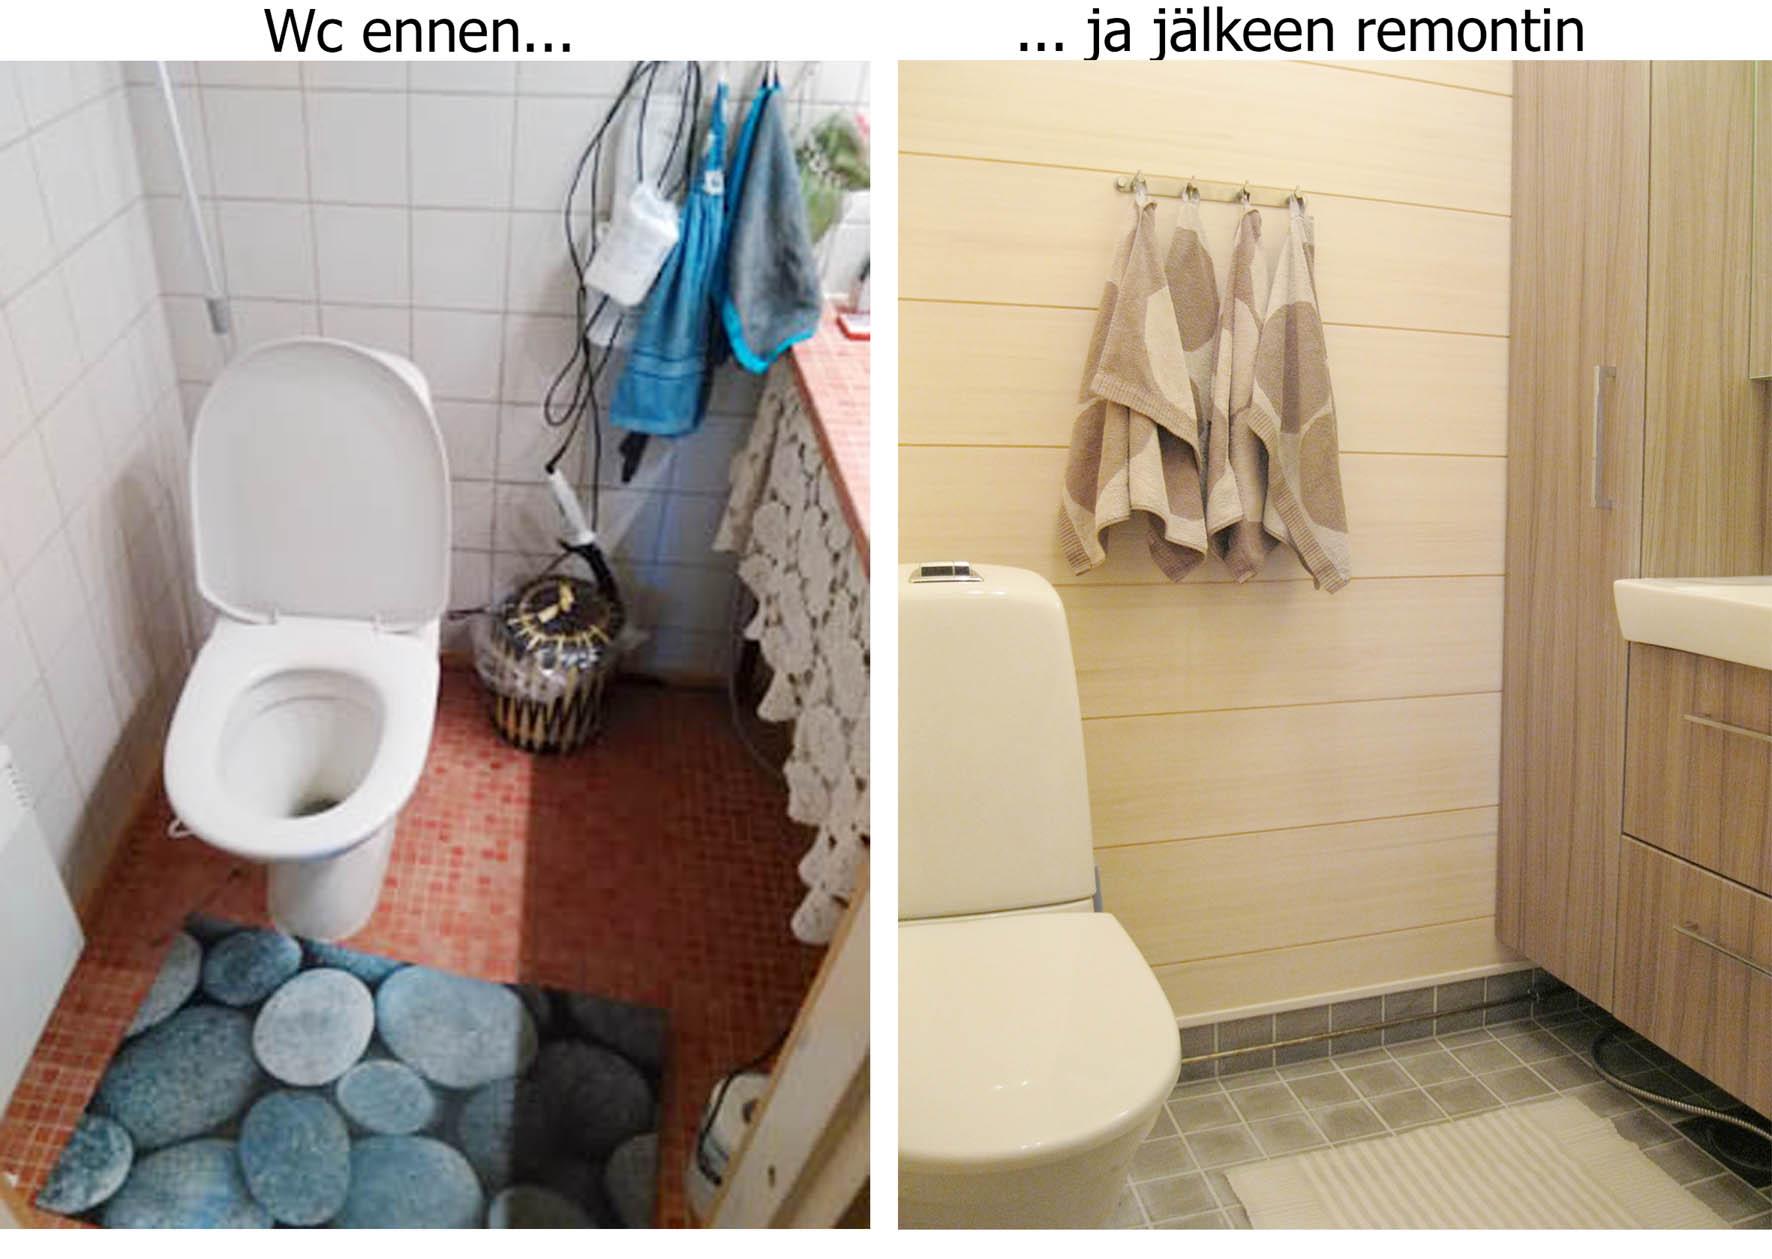 wc-remonttikuva